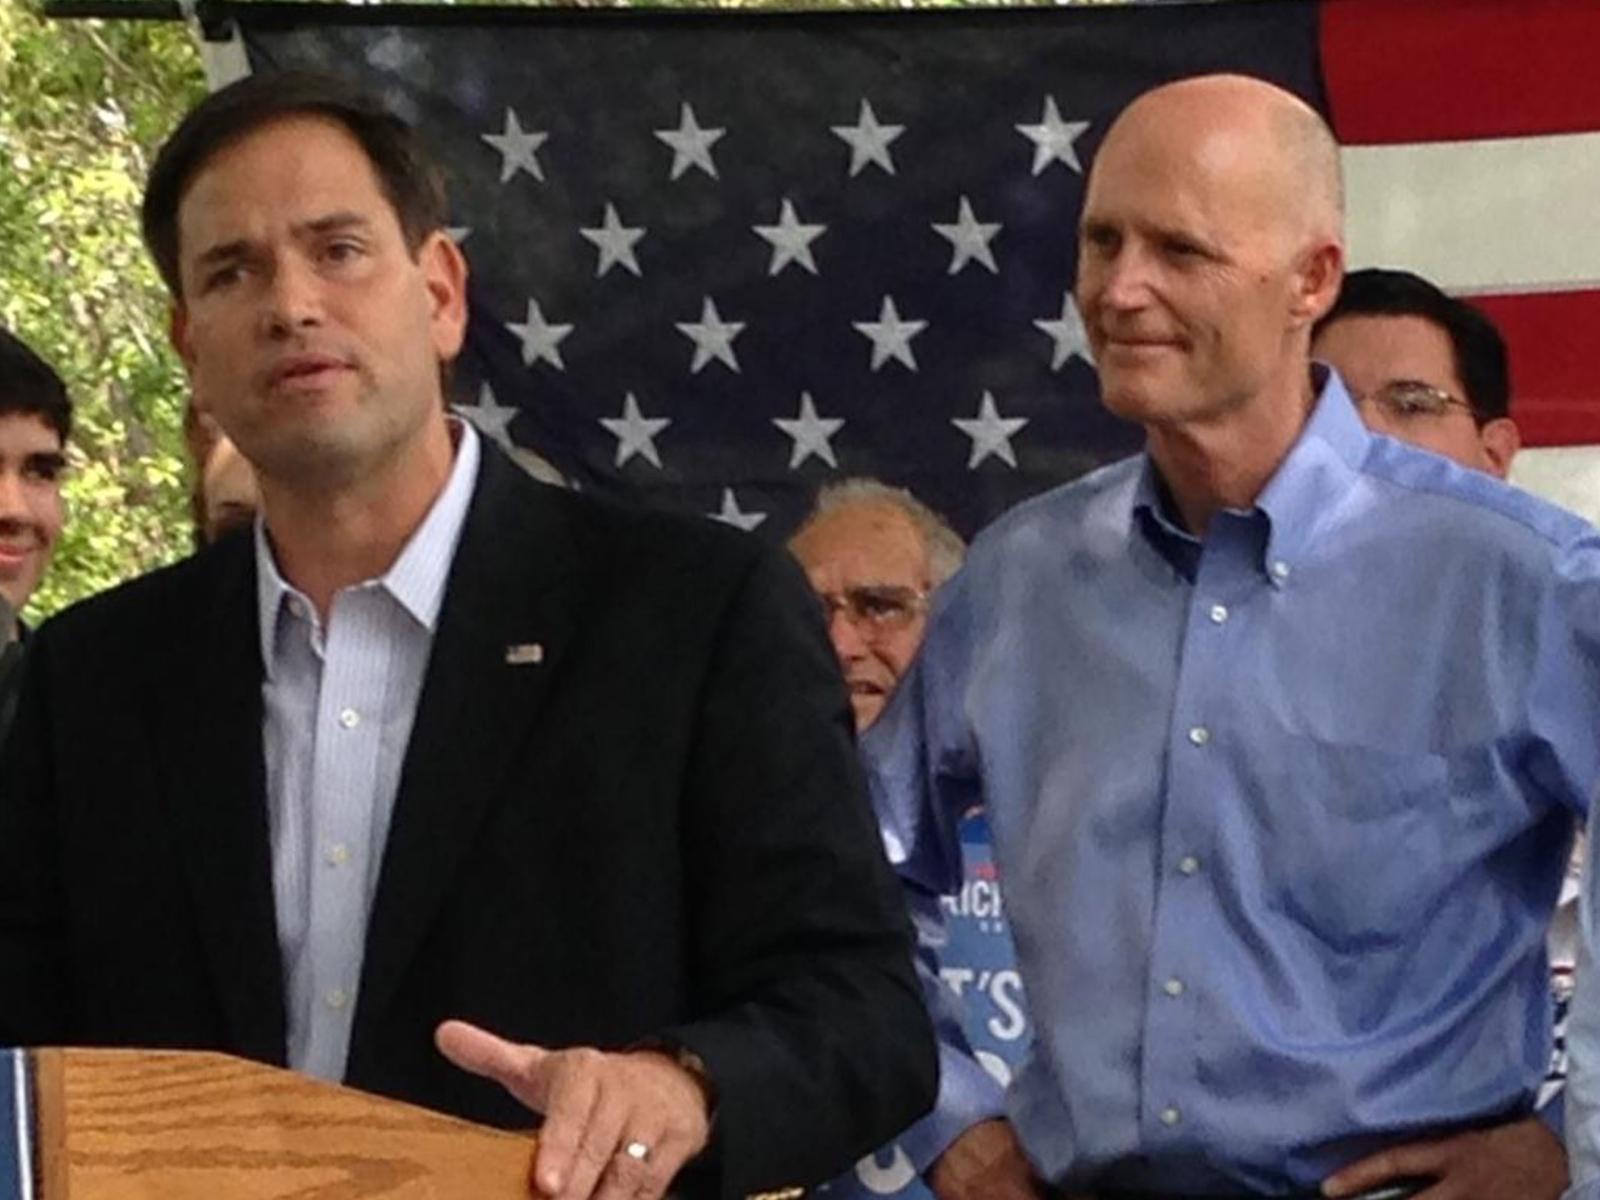 Venezuelans lash out at Rubio, Scott over permanent U.S. citizenship